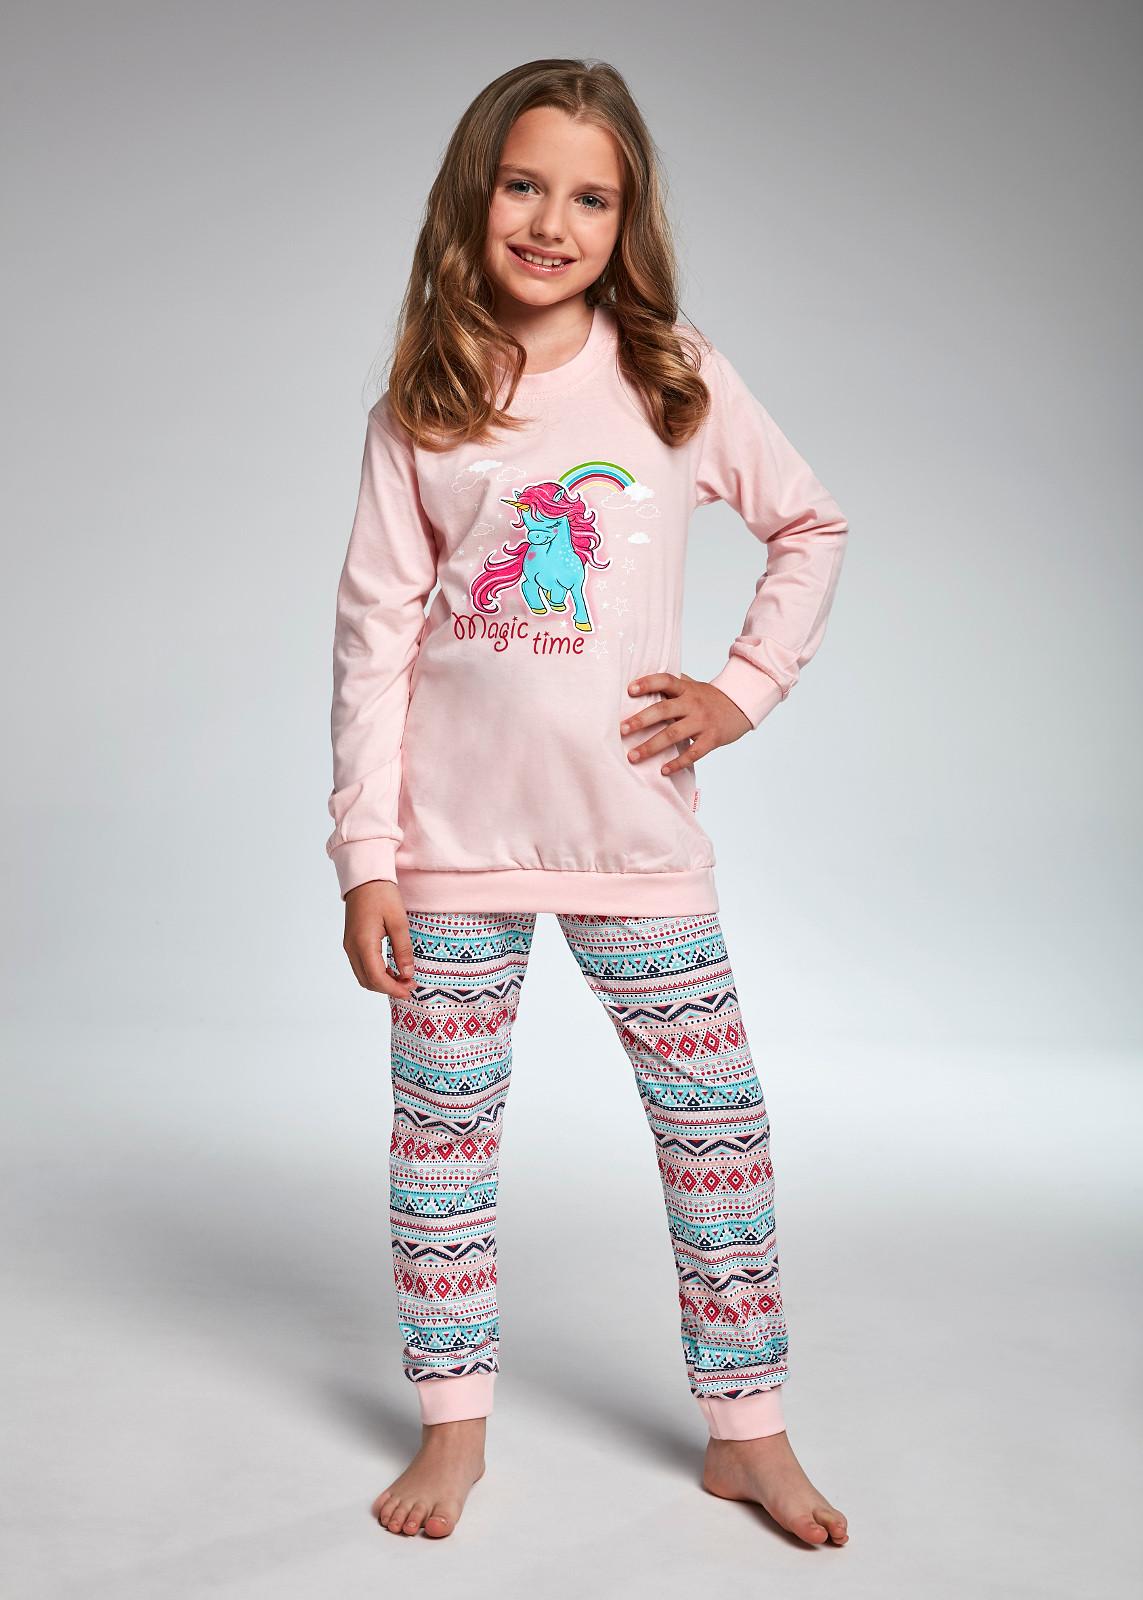 Pigiama Bambina In Cotone Manica Lunga Unicorno Calze Collant